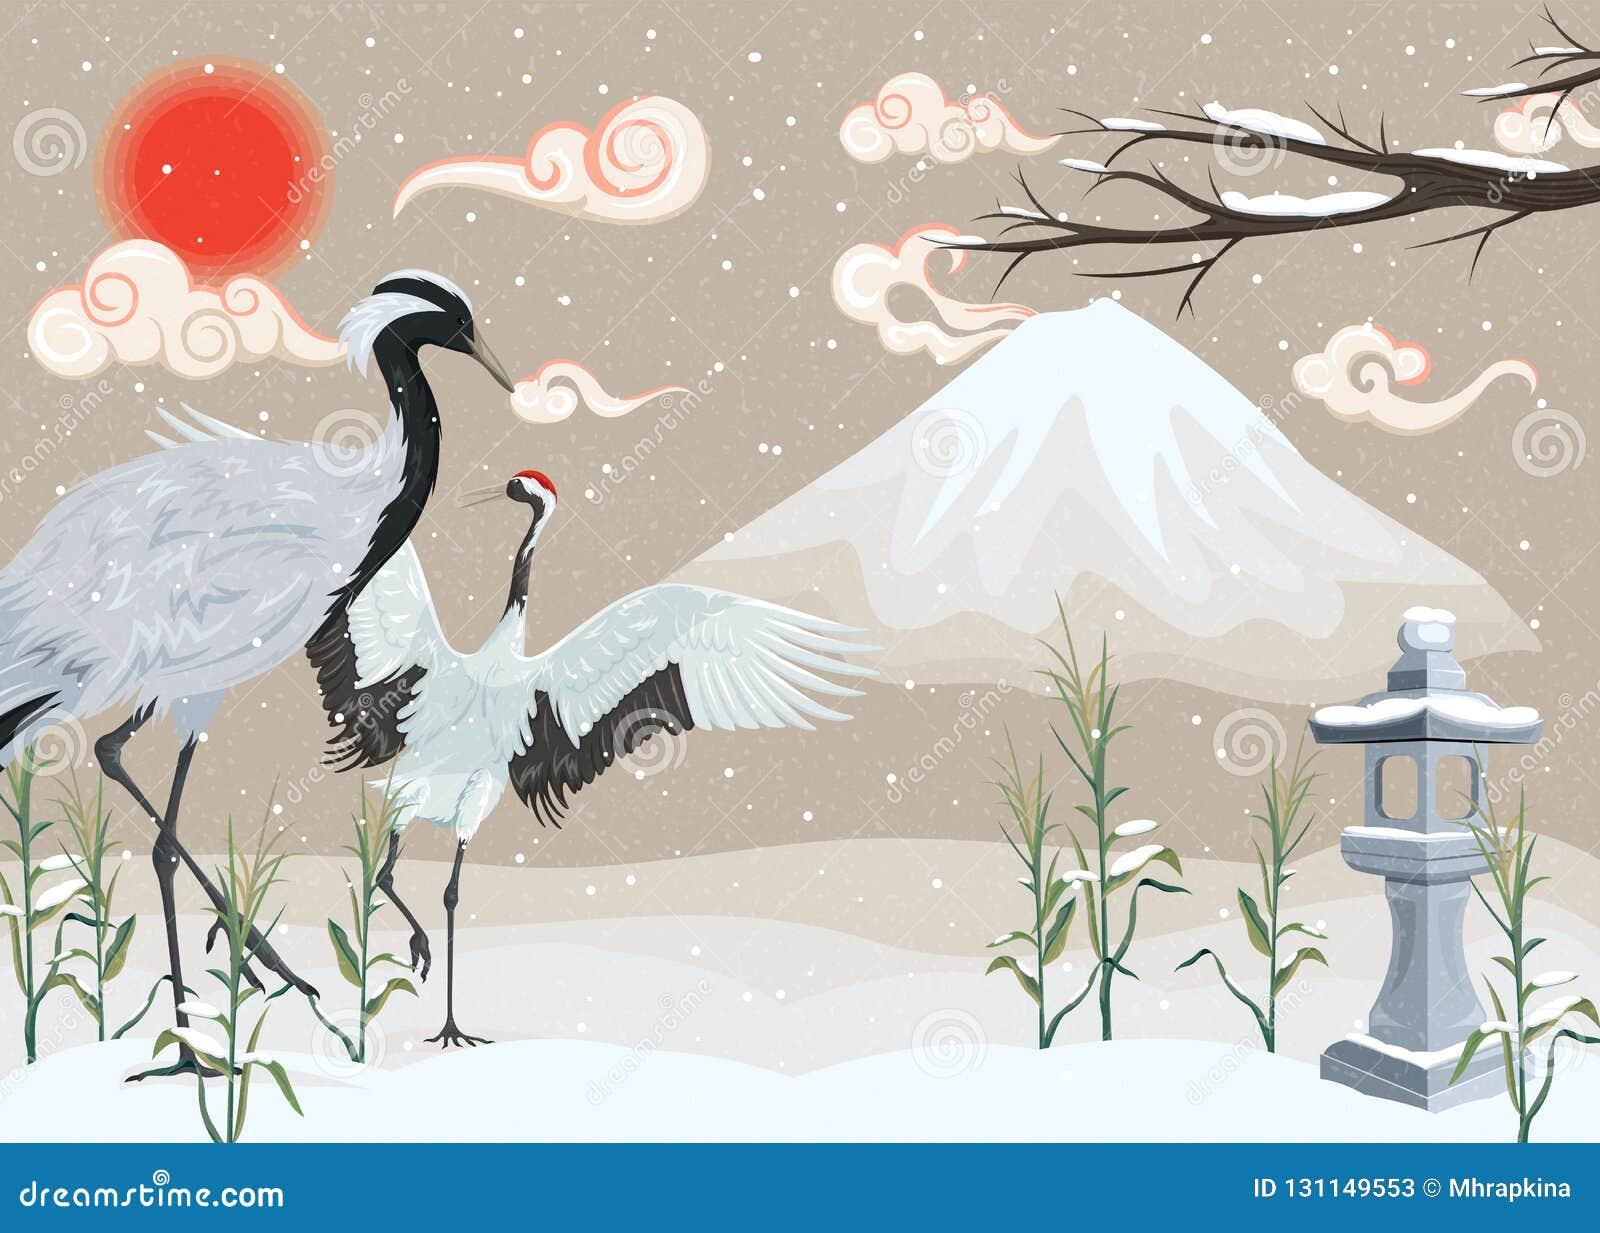 Illustratie met kranen op sneeuwachtergrond